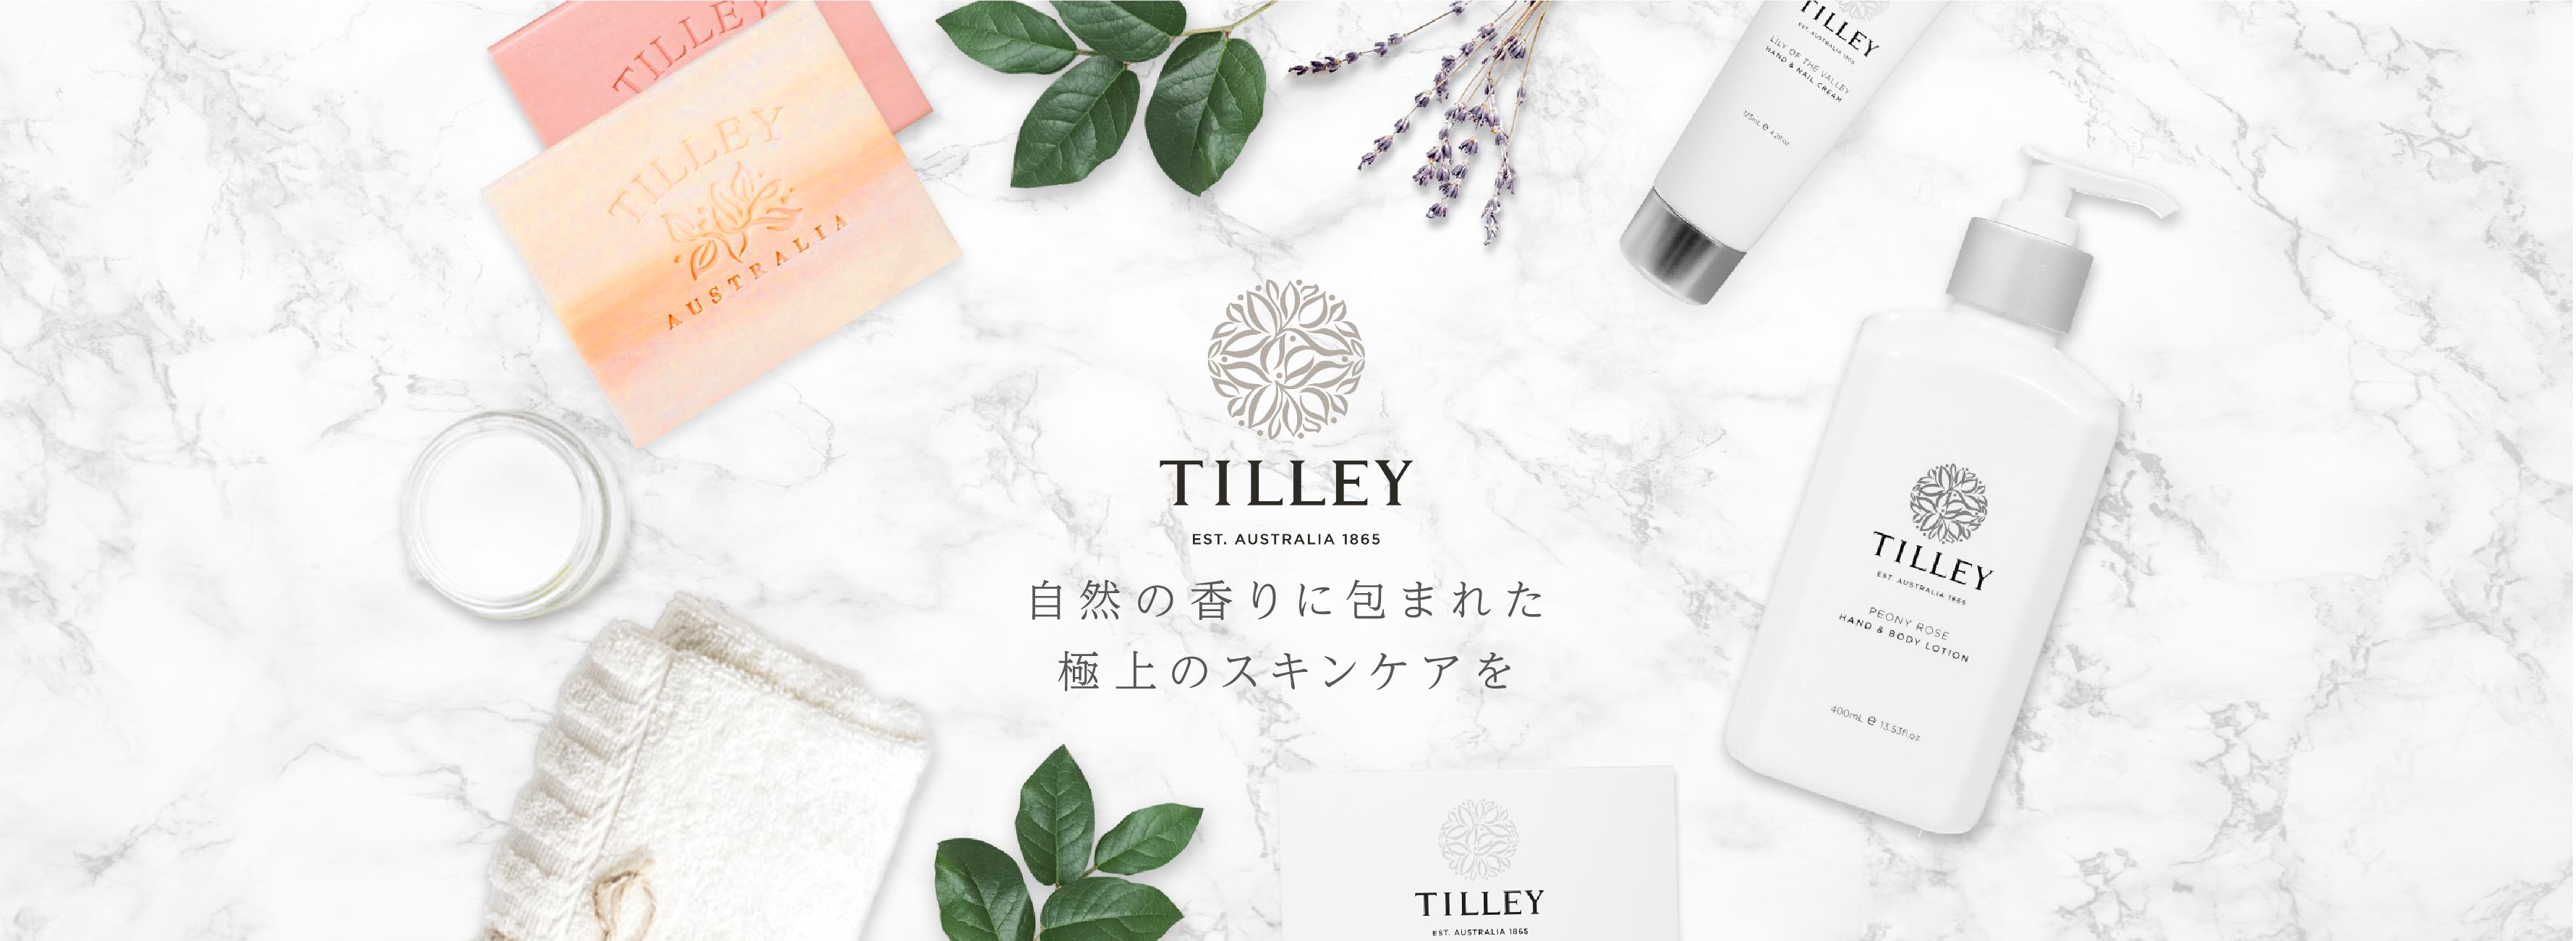 Tilley(ティリー)特集